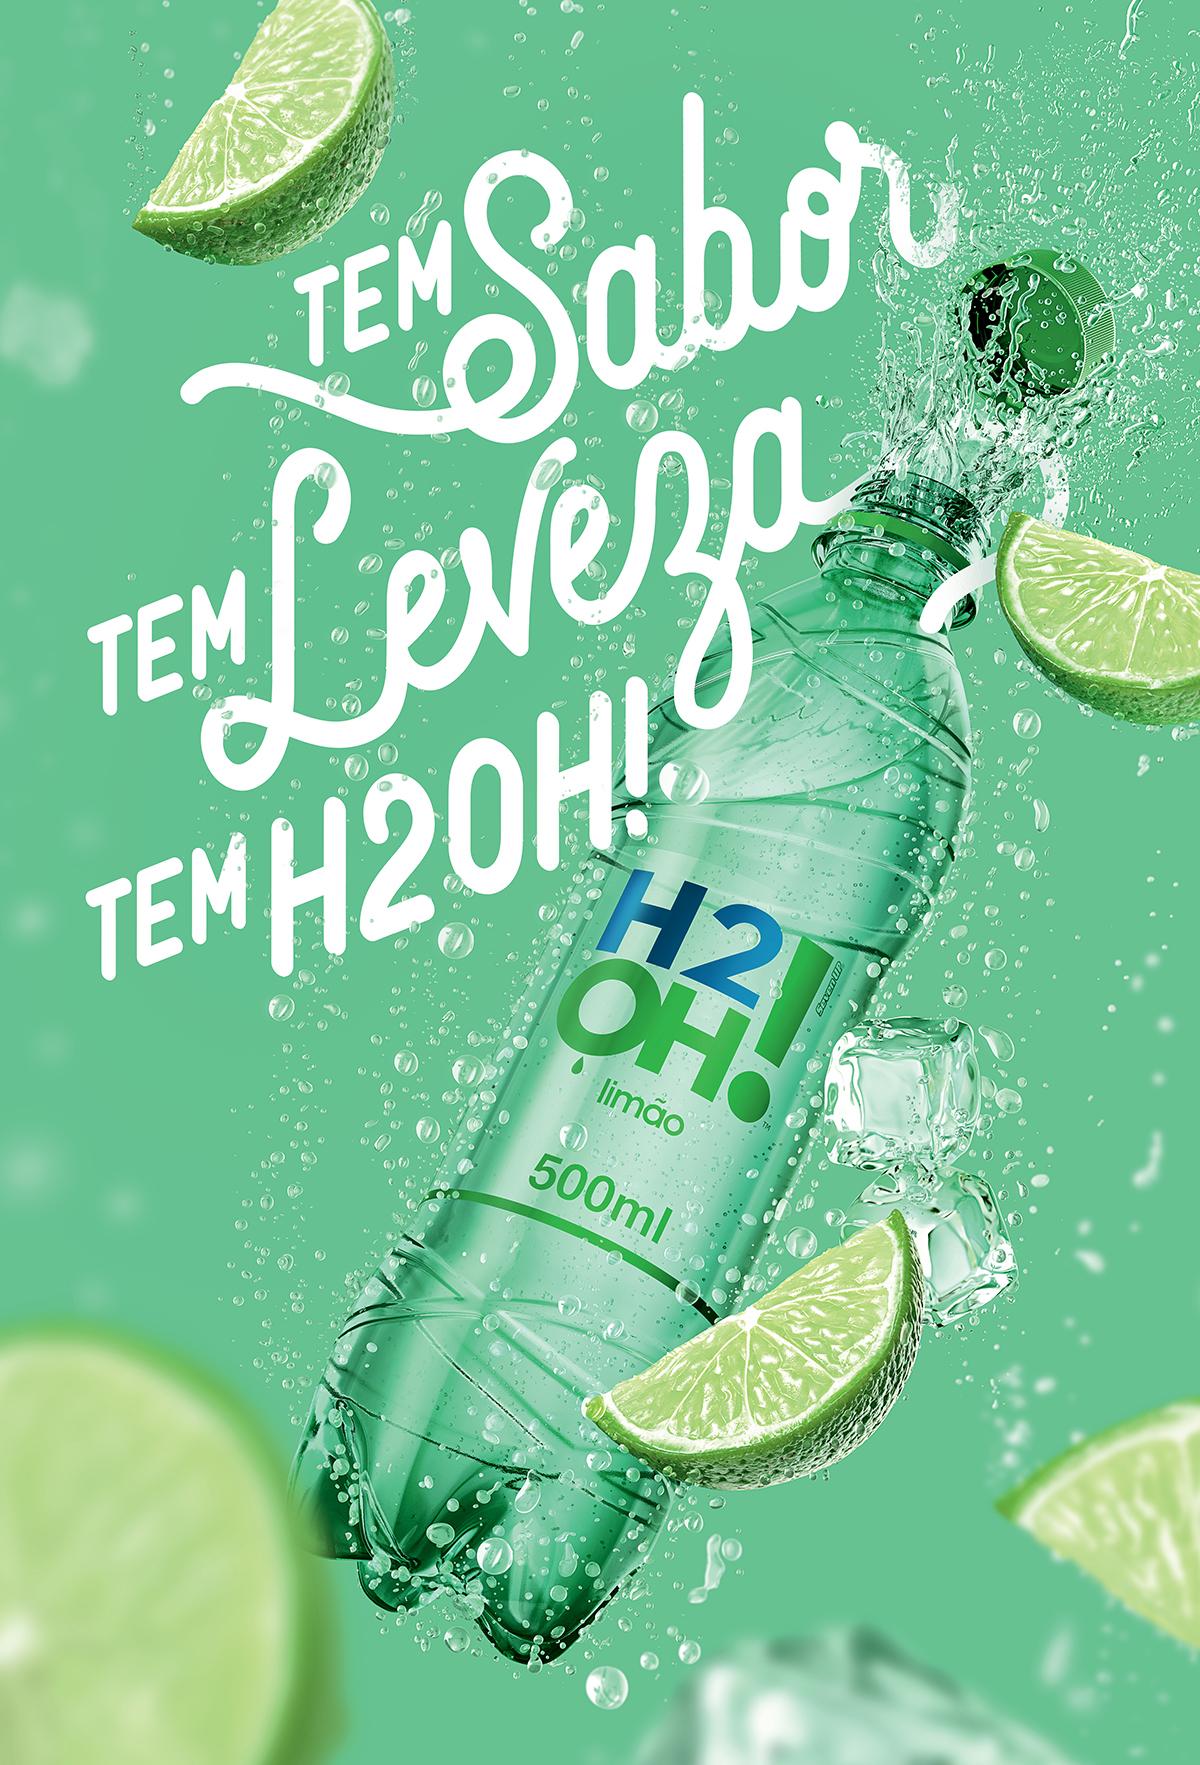 Tá no ar: nova campanha para H2OH!